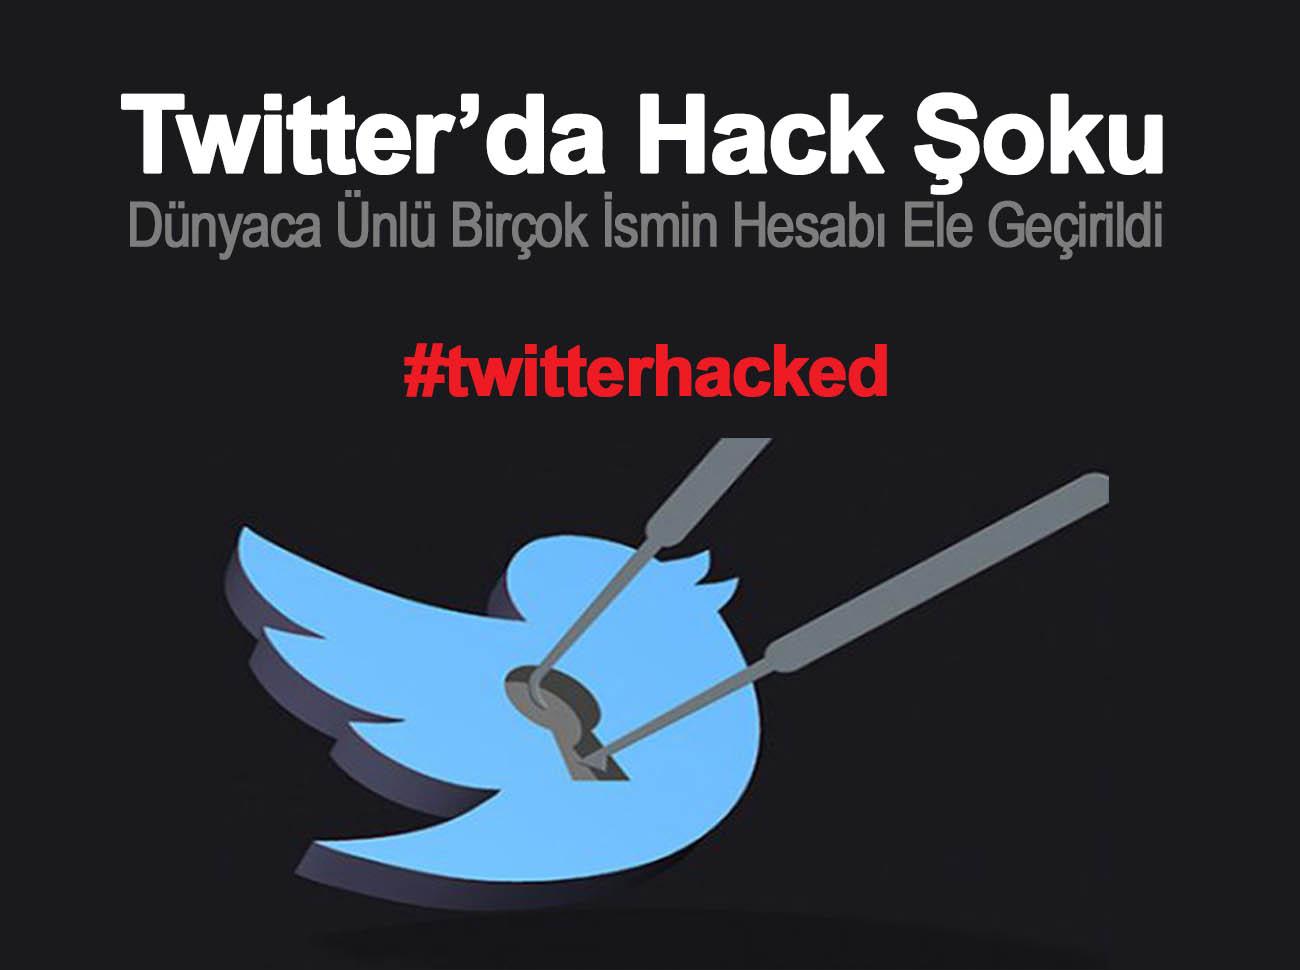 Twitter'da Hack Şoku Ünlü İsimlerin Twitter Hesabı Çalındı